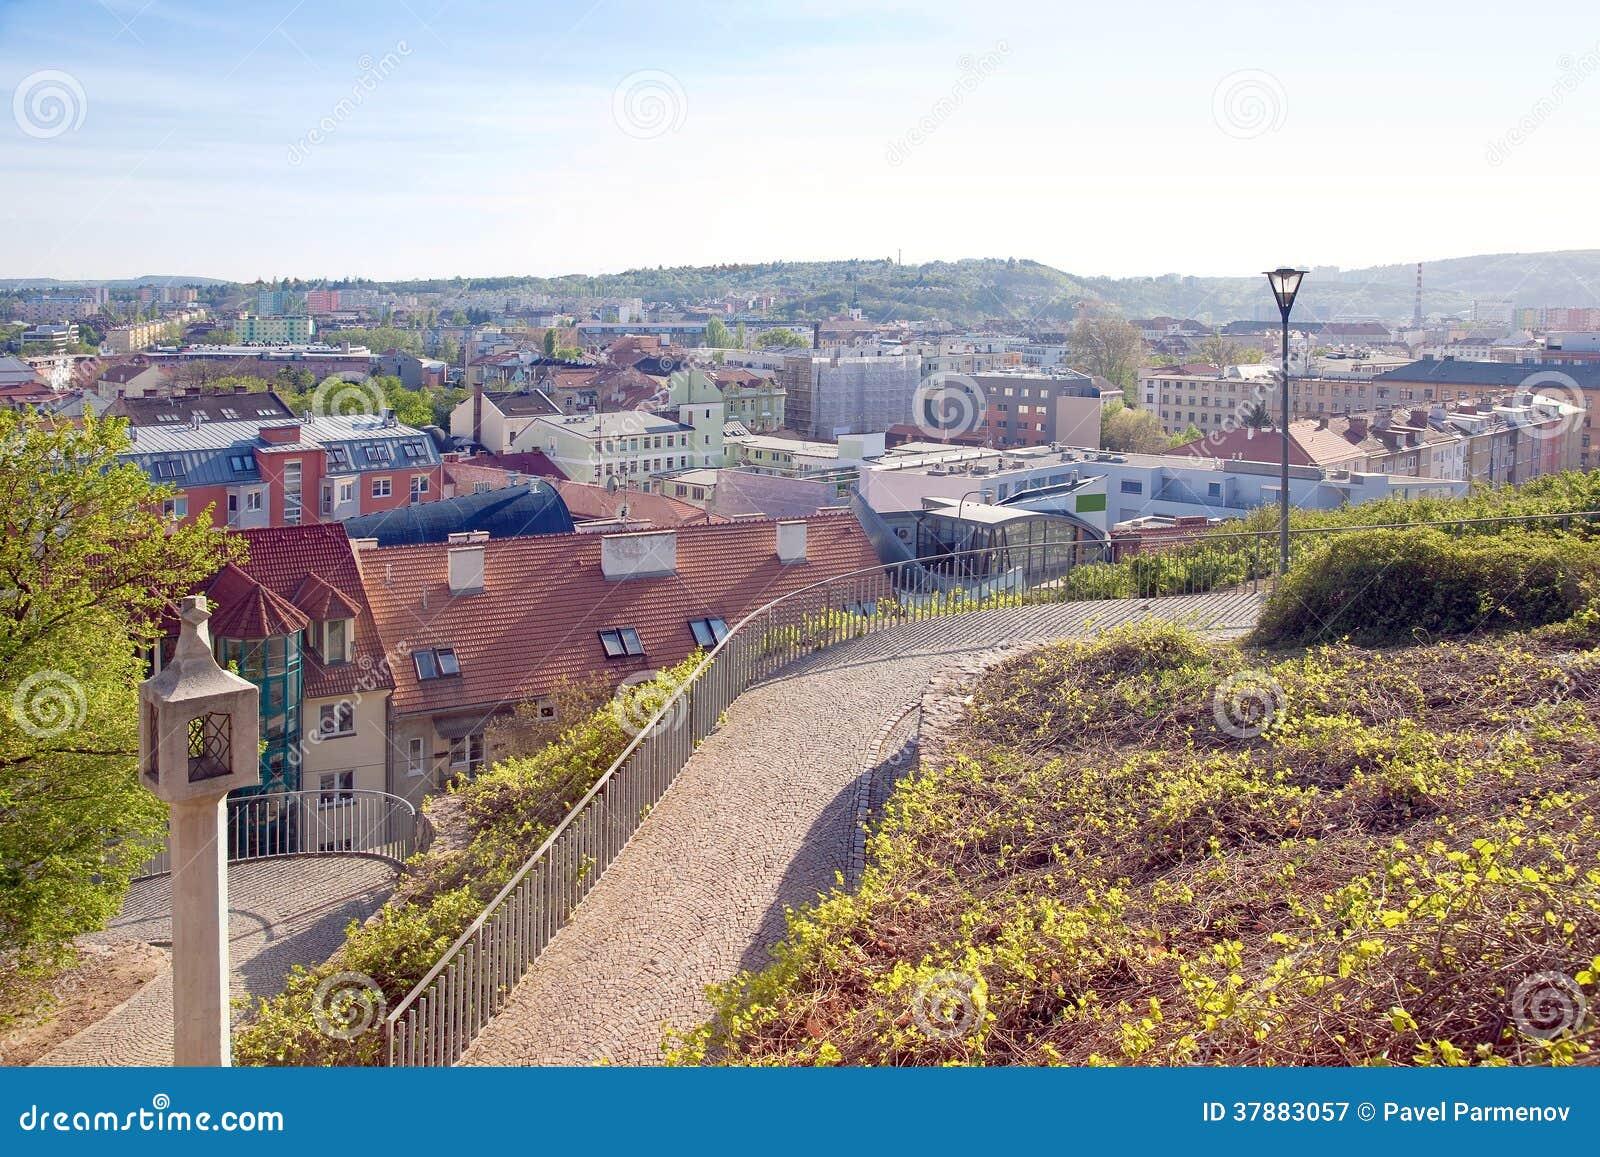 Brno. Cityscape